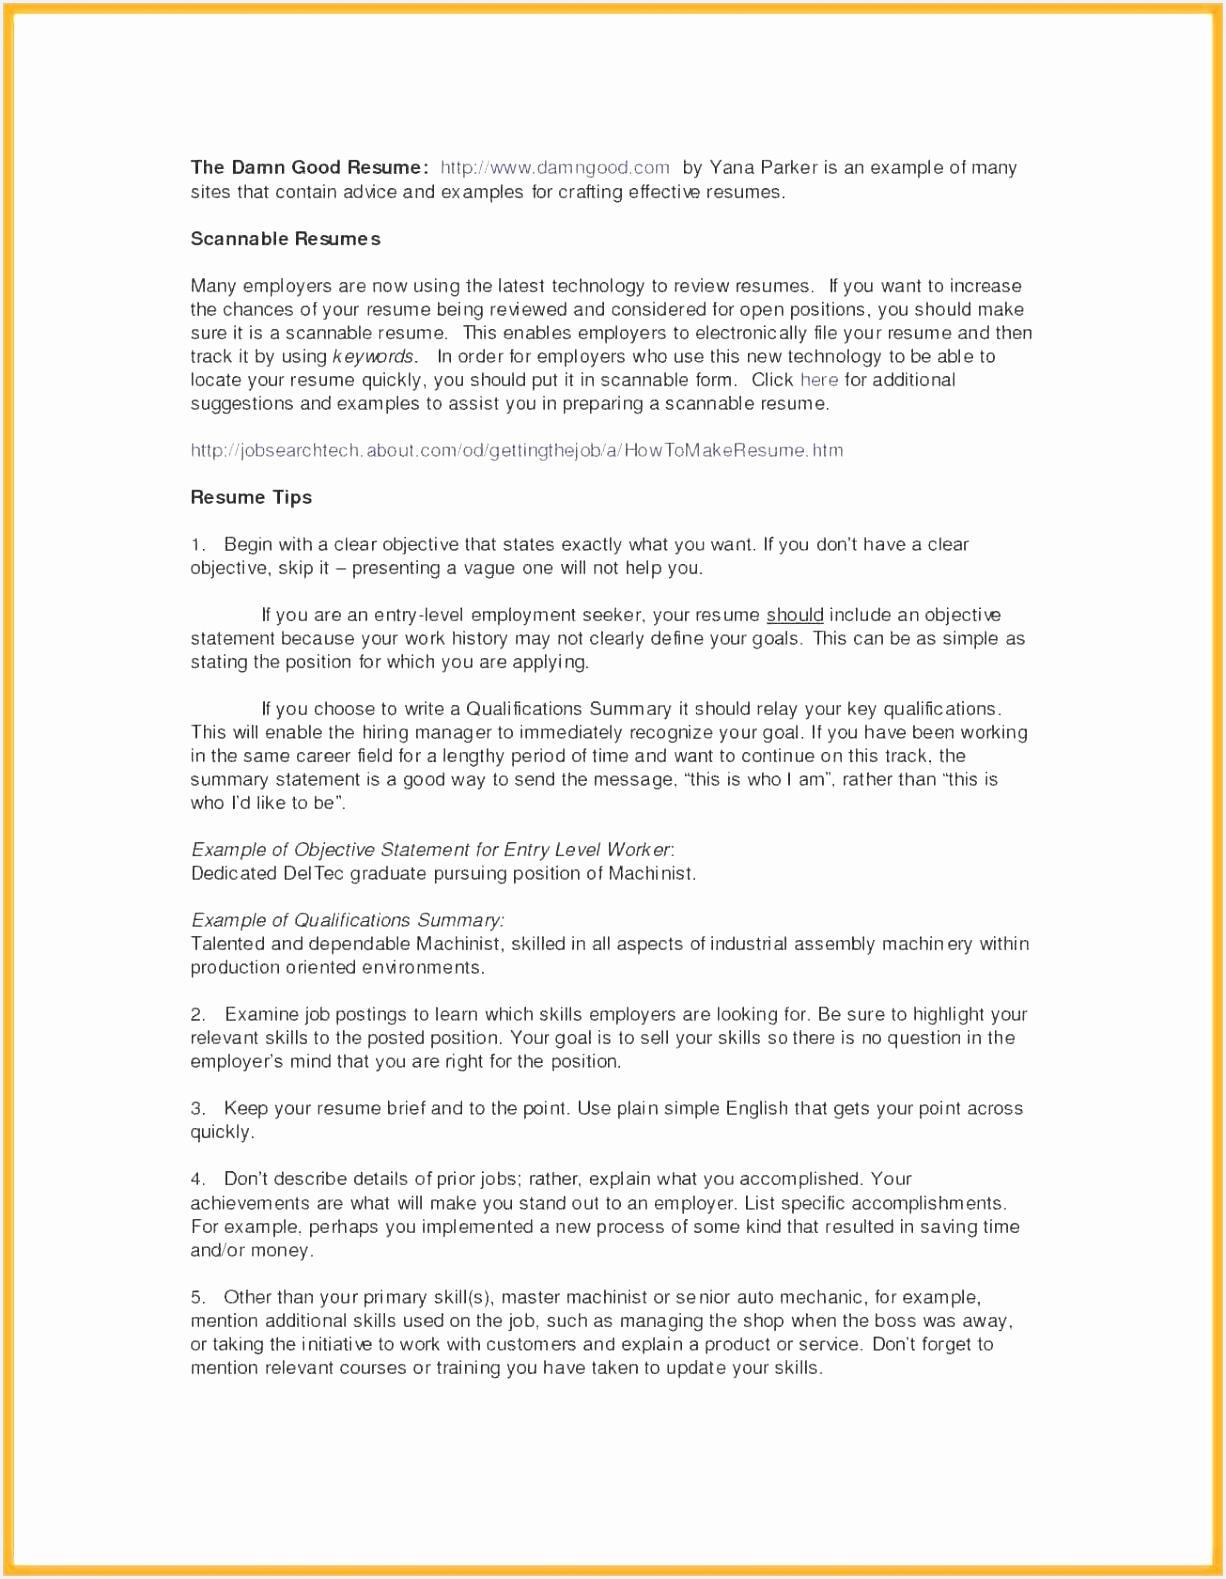 Sample Resume for Call Center Agent Position New Cover Letter for 15791226jbhlf